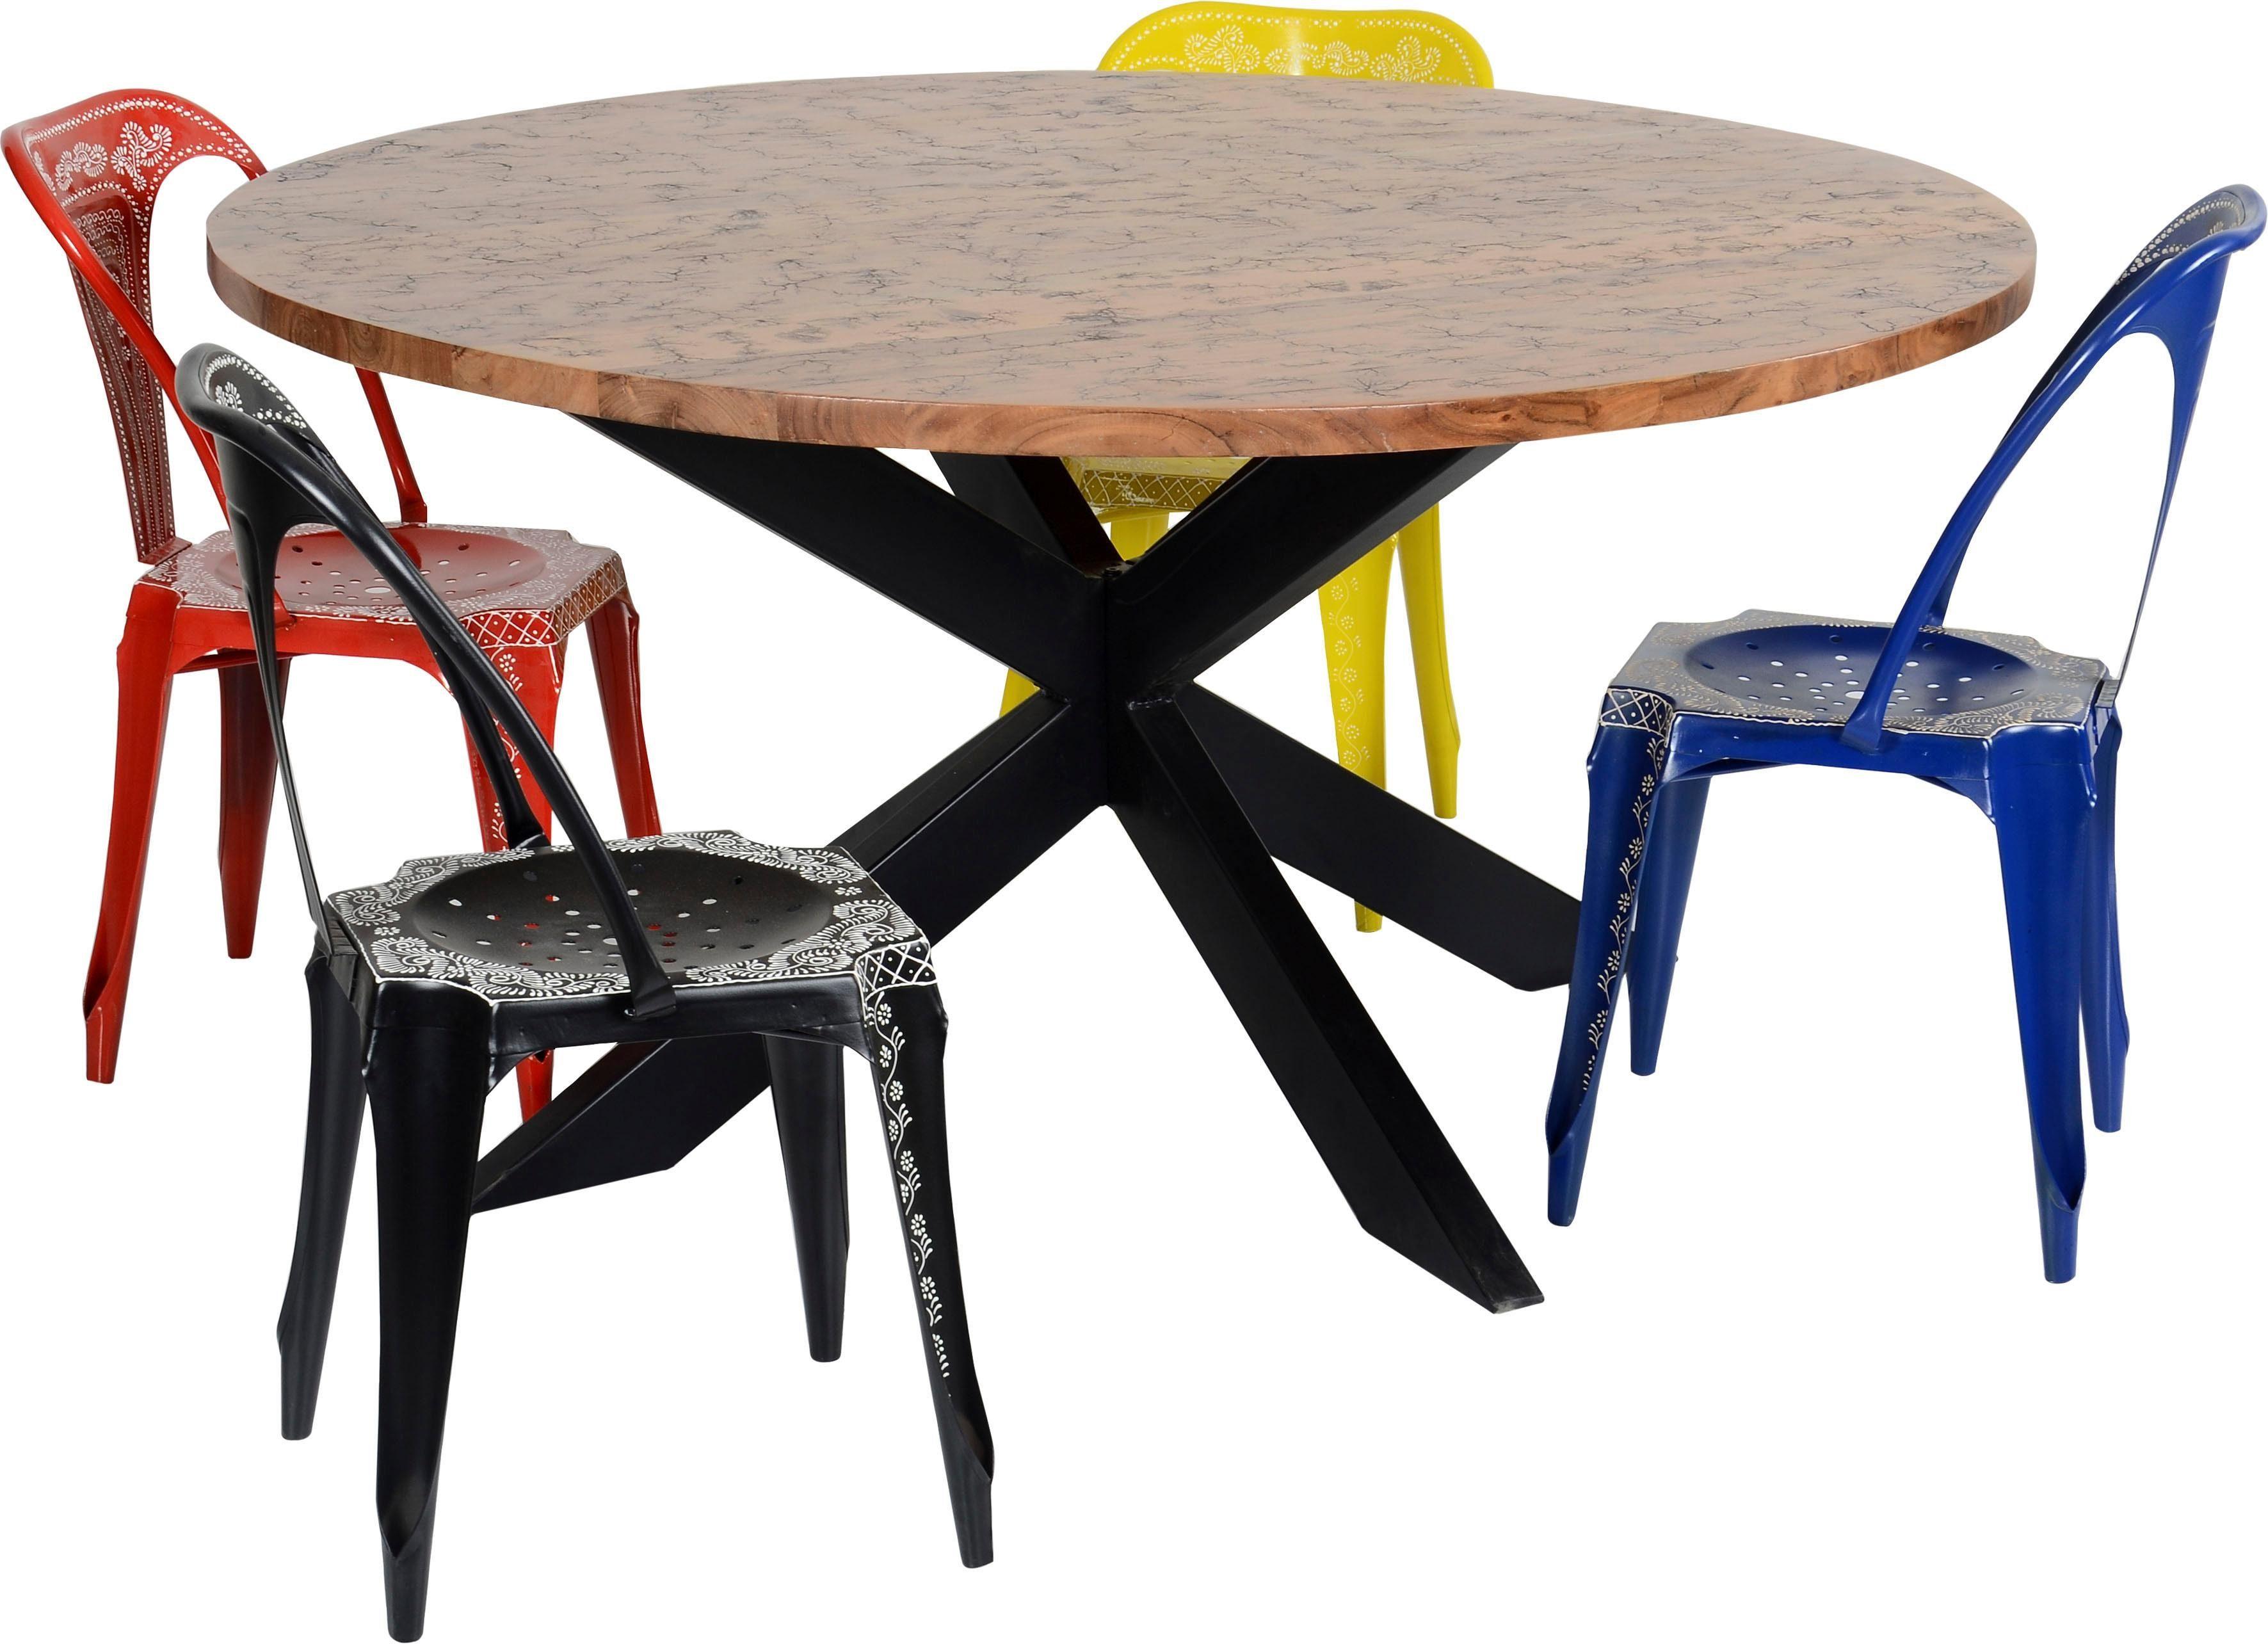 The Wood Times Runder Esstisch »Timber«, Tischplatte mit eingearbeiteten Verästelungen